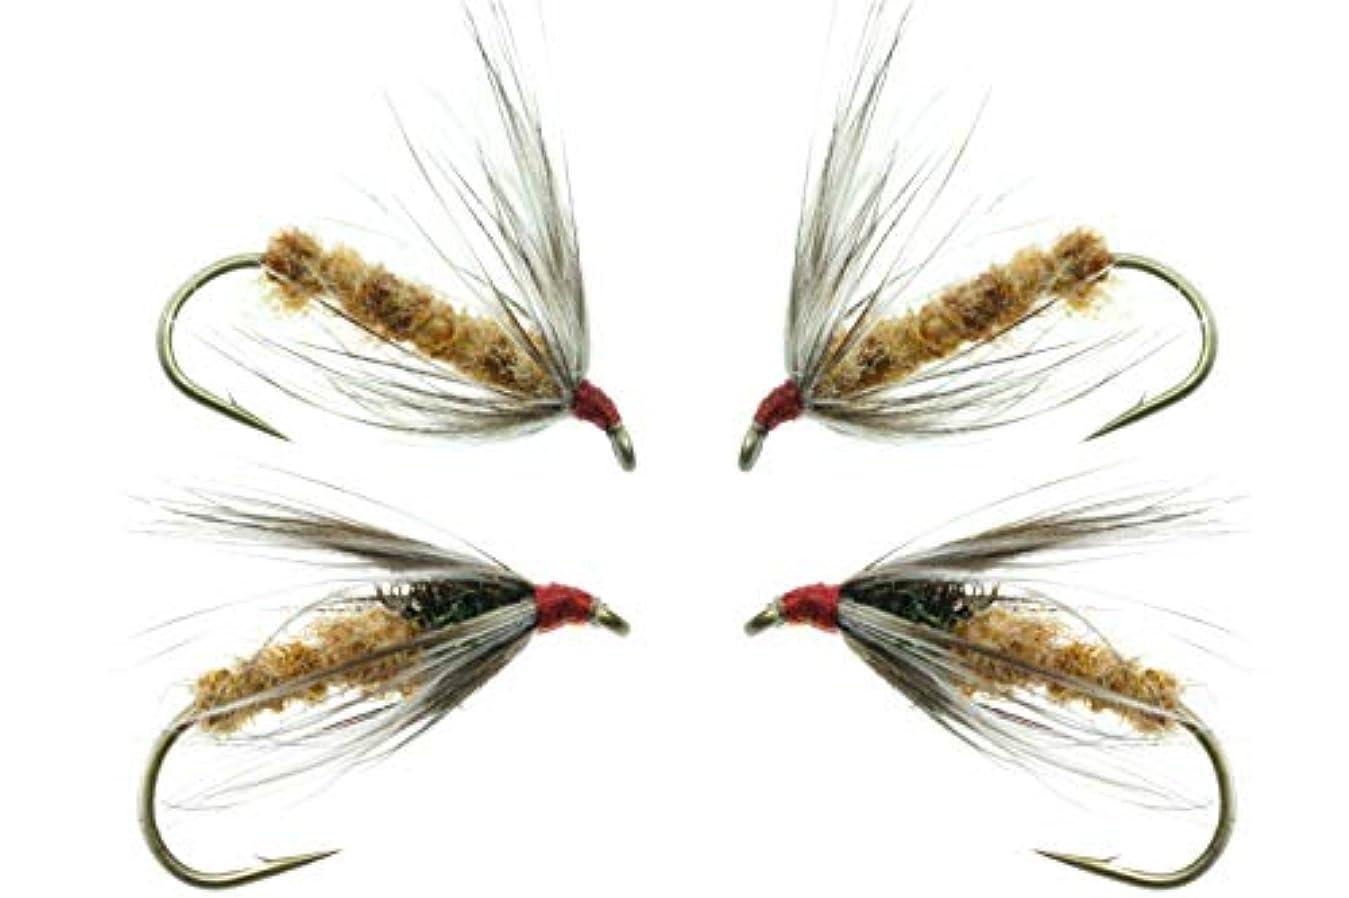 聖歌大陸案件GoFly 純国産 伝承毛鉤 爆釣 テンカラ ゼンマイ胴毛ばり 2種4本セット #14 ヘンネック(雌鳥)